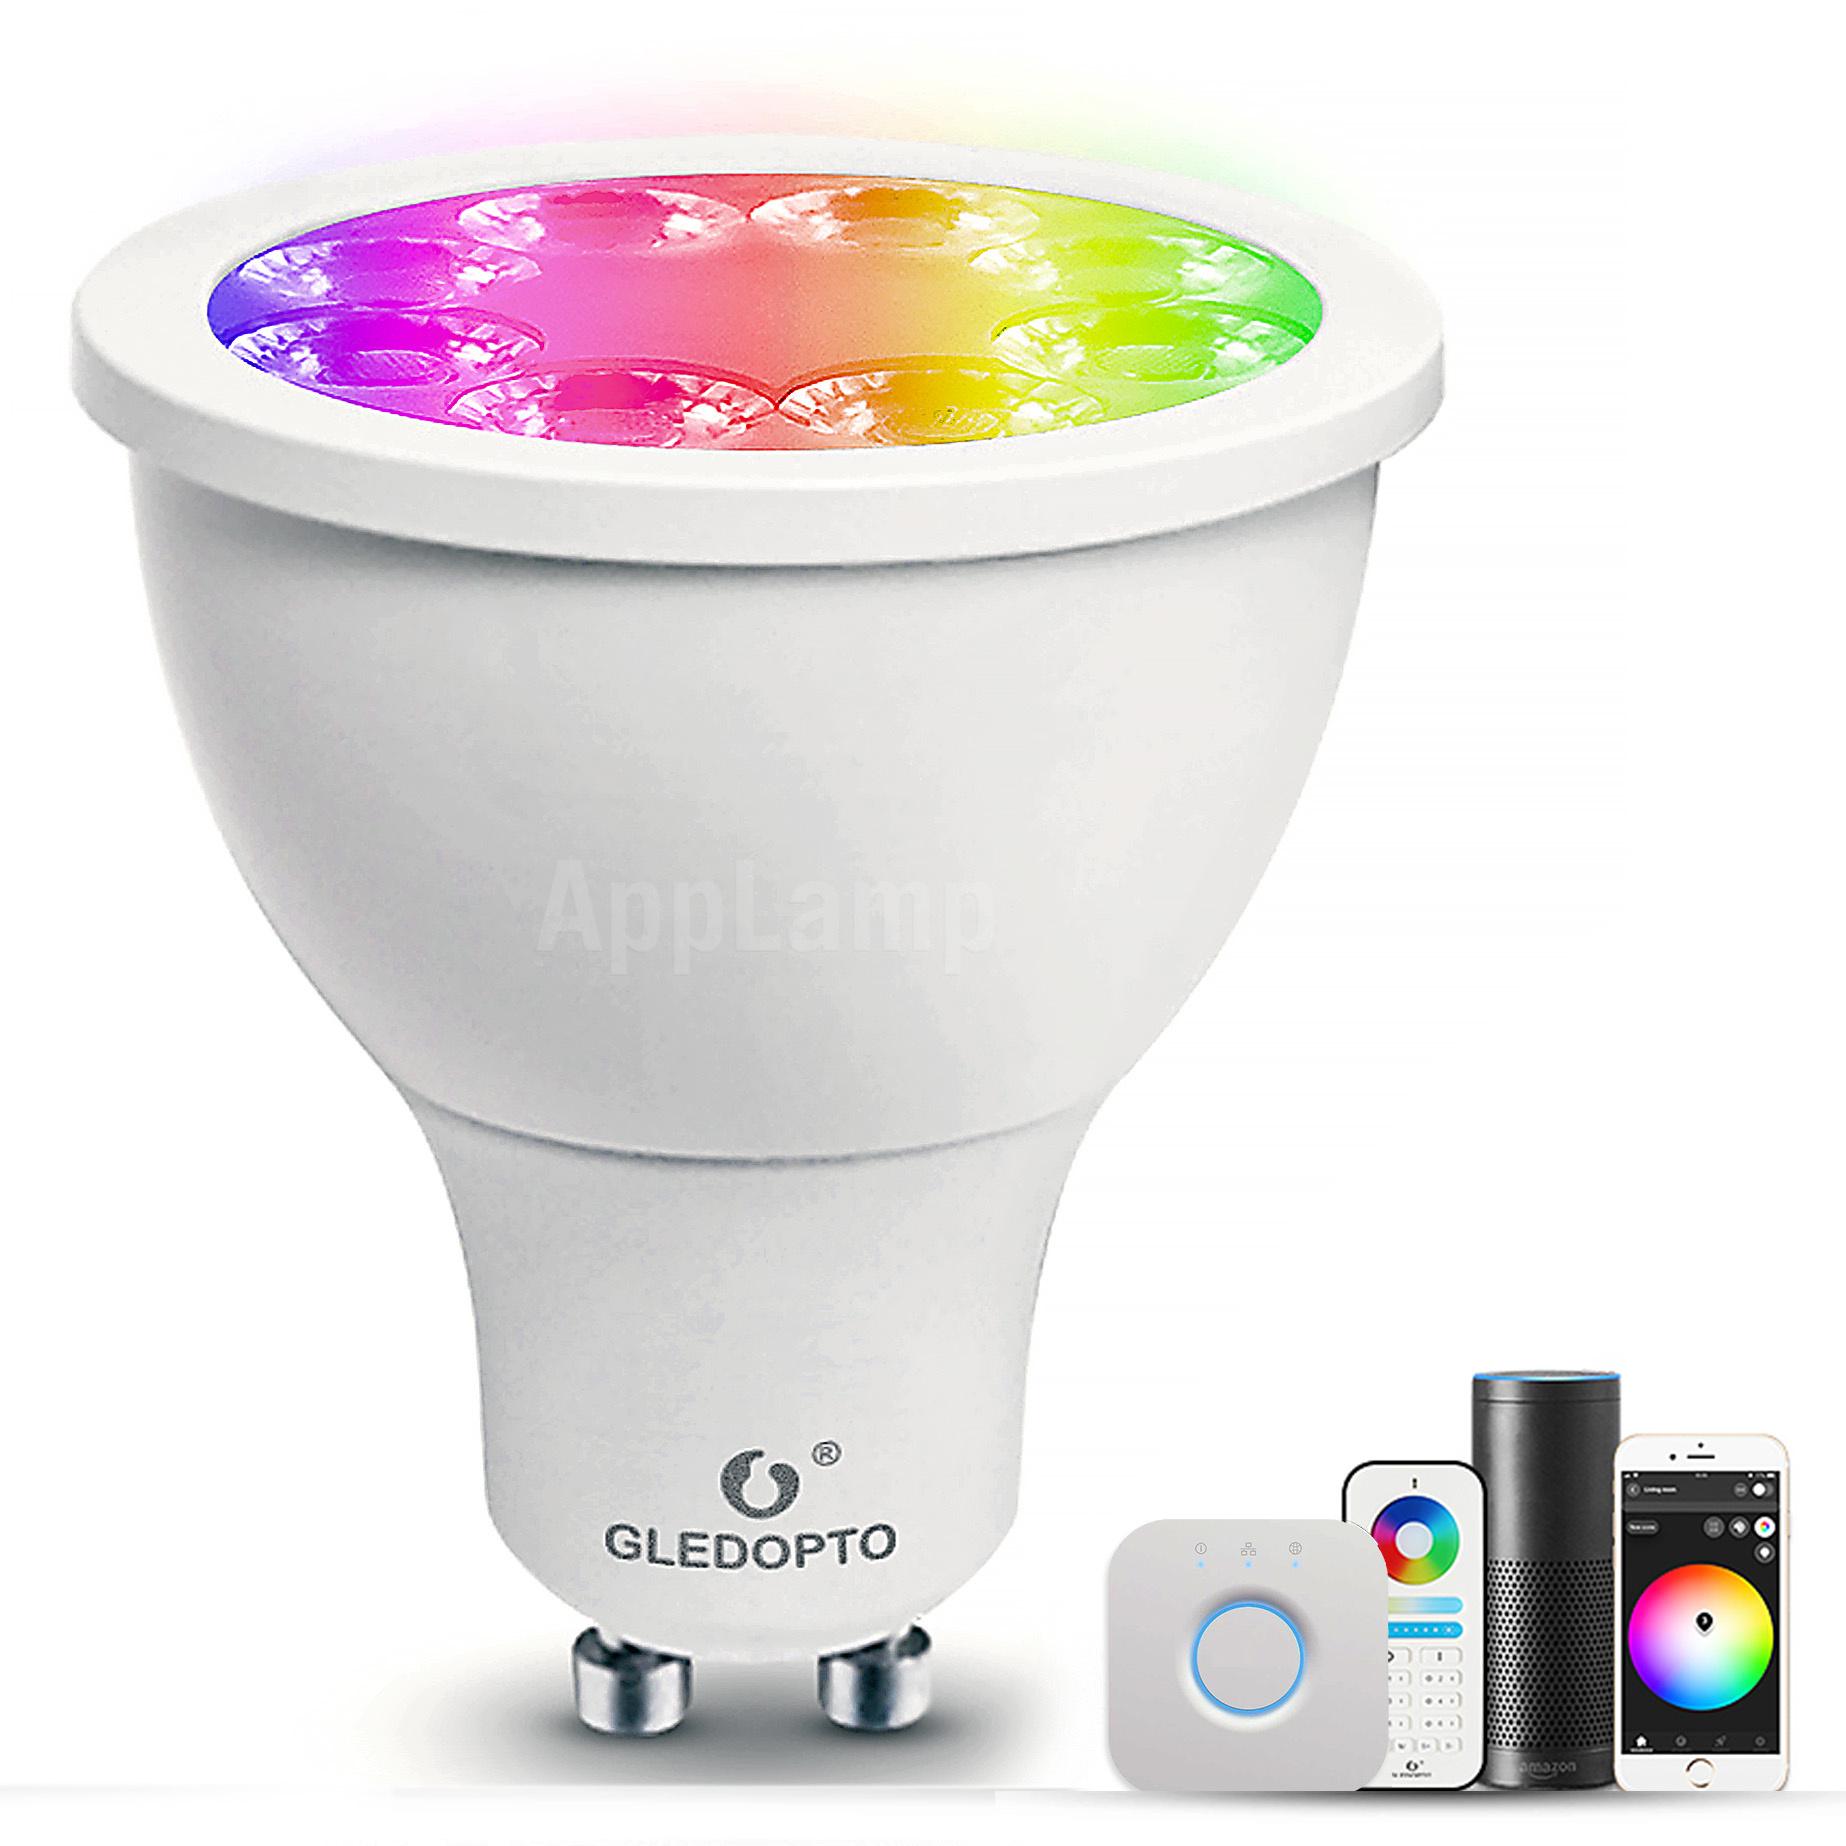 GLEDOPTO GLEDOPTO Zigbee 4 Watt Kleur+Dual Wit Spotje | GU10 4W 230V |  ZLL Mesh  | GL-S-007ZS